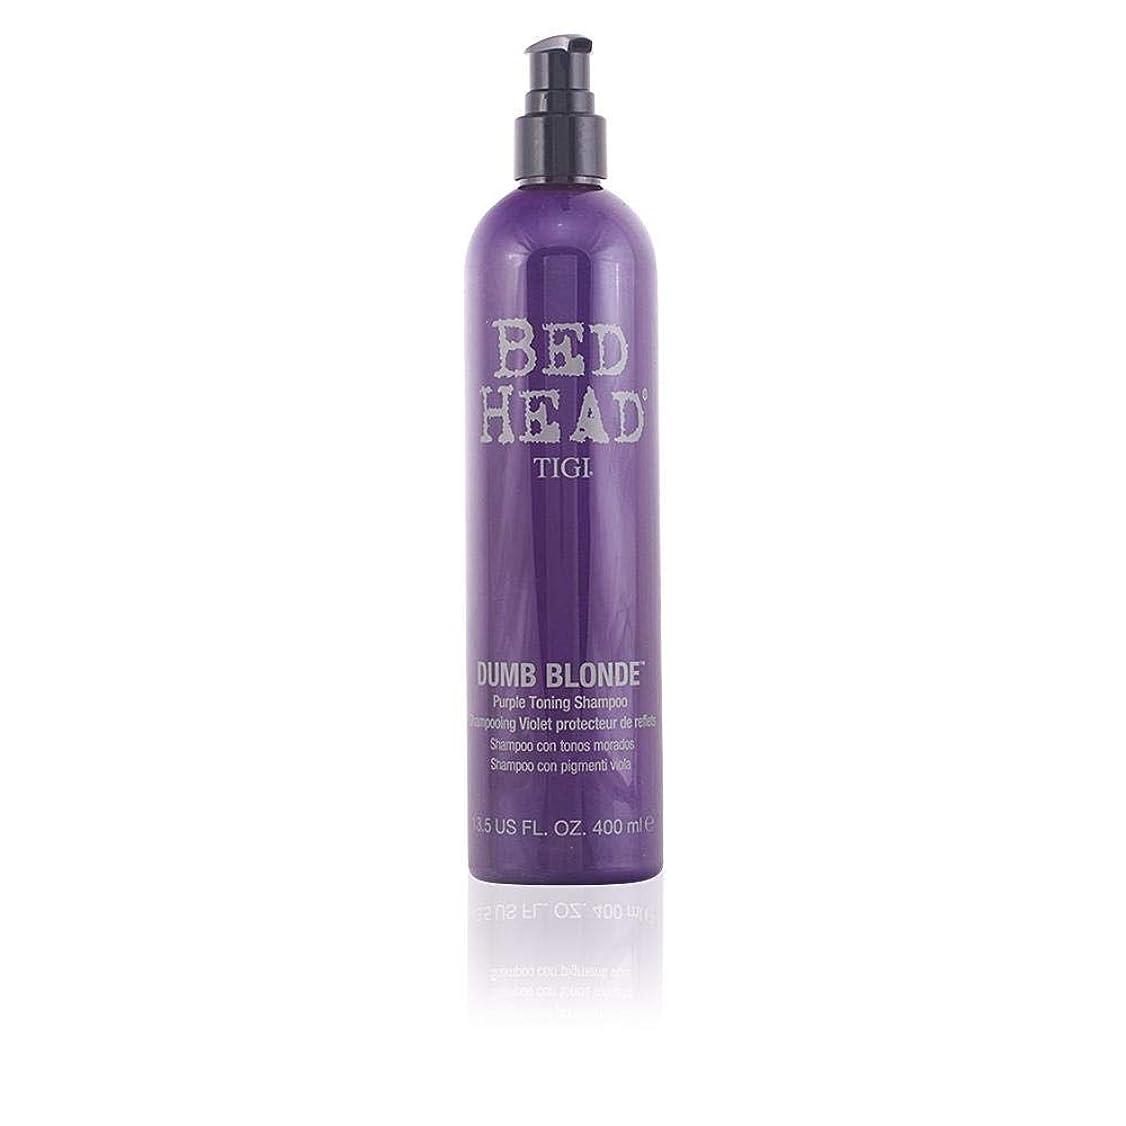 領事館安価な衝撃Tigi Bed Head Dumb Blonde Purple Toning Shampoo - 400ml/13.5oz by Tigi